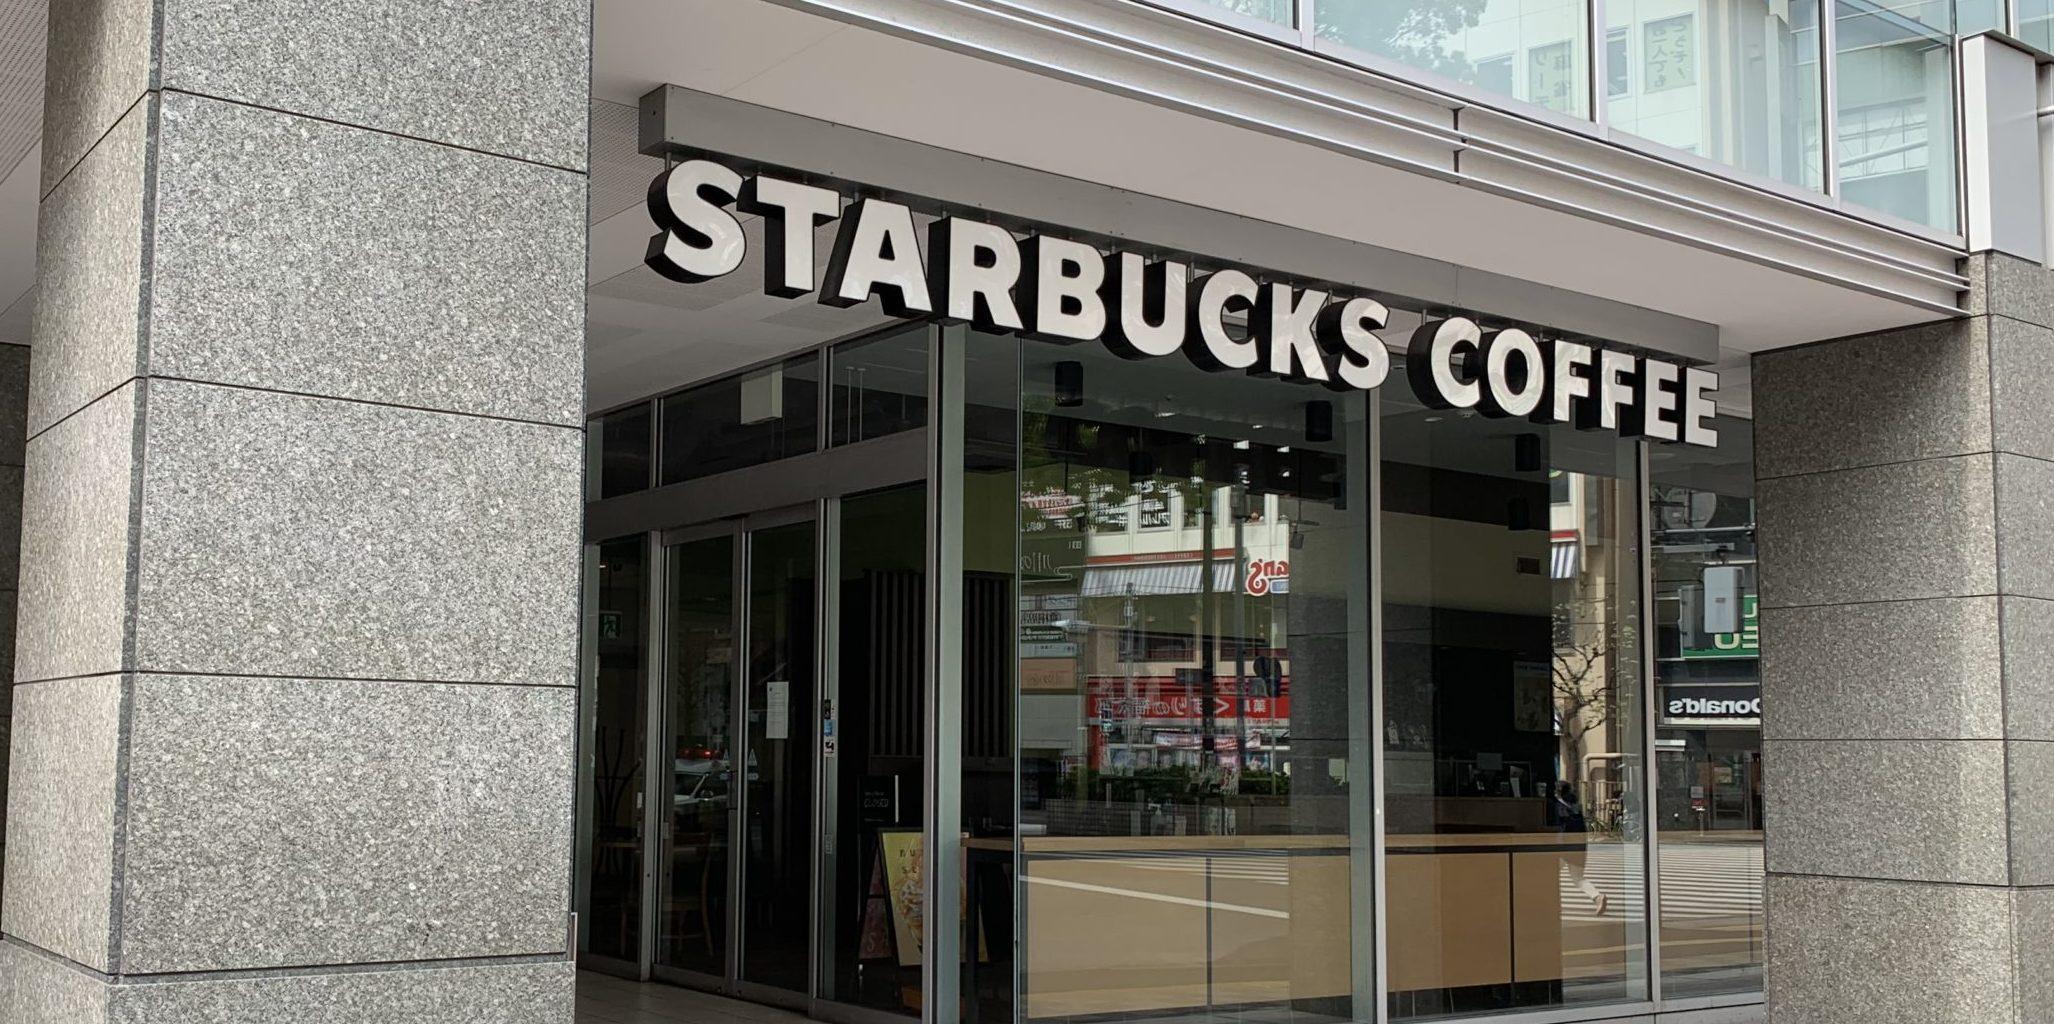 千葉中央駅 電源カフェ スターバックスコーヒー千葉中央駅店 Wi-Fi